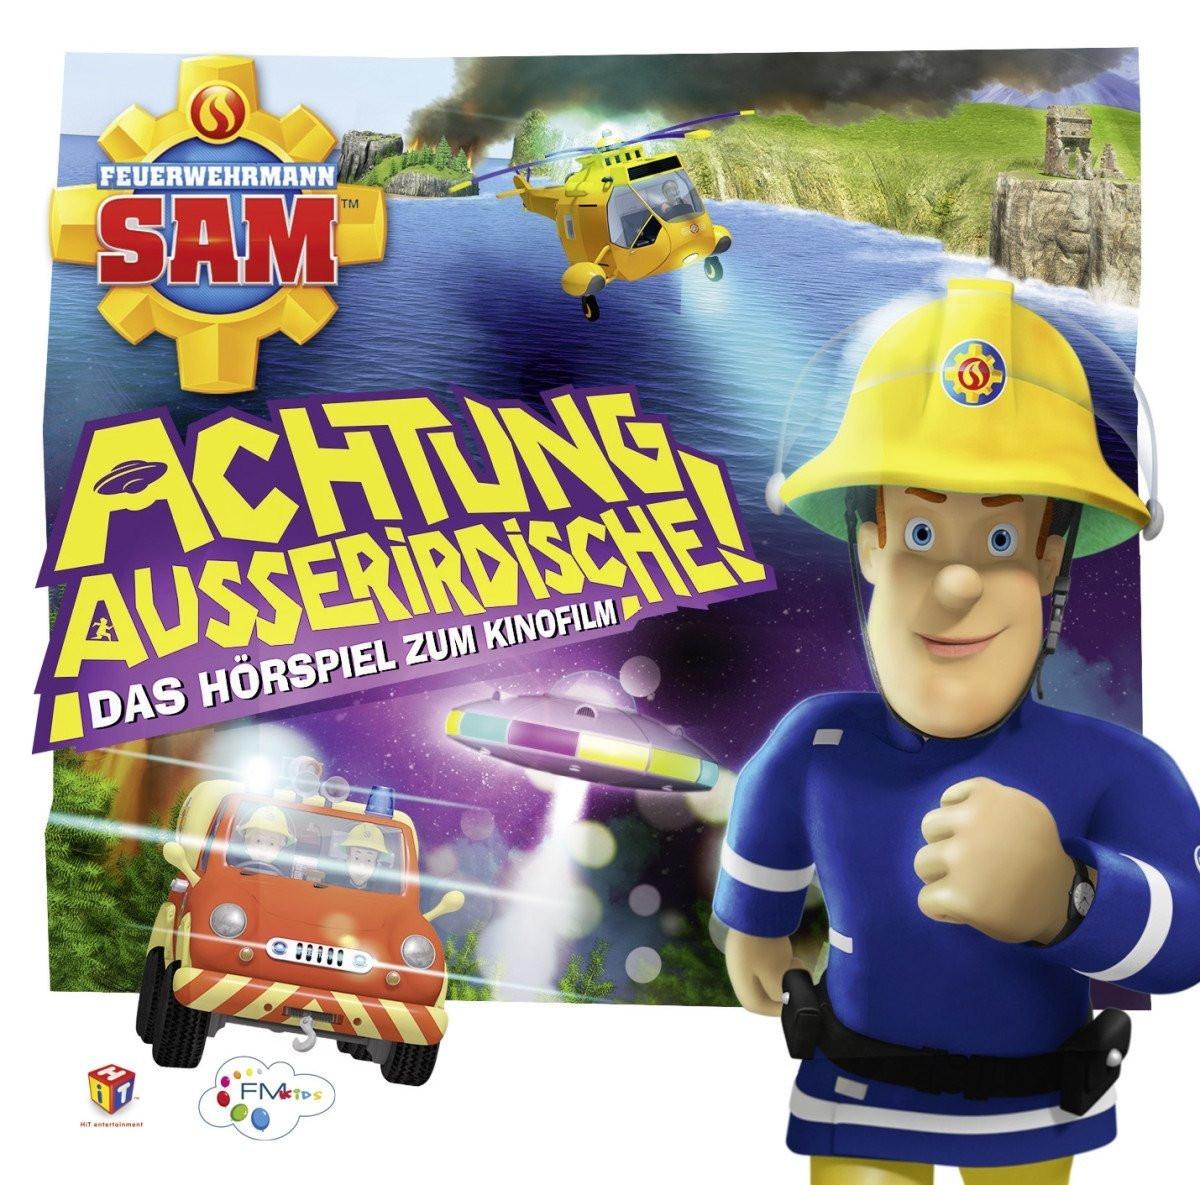 Feuerwehrmann Sam - Achtung Außerirdische - Das Hörspiel zum Kinofilm